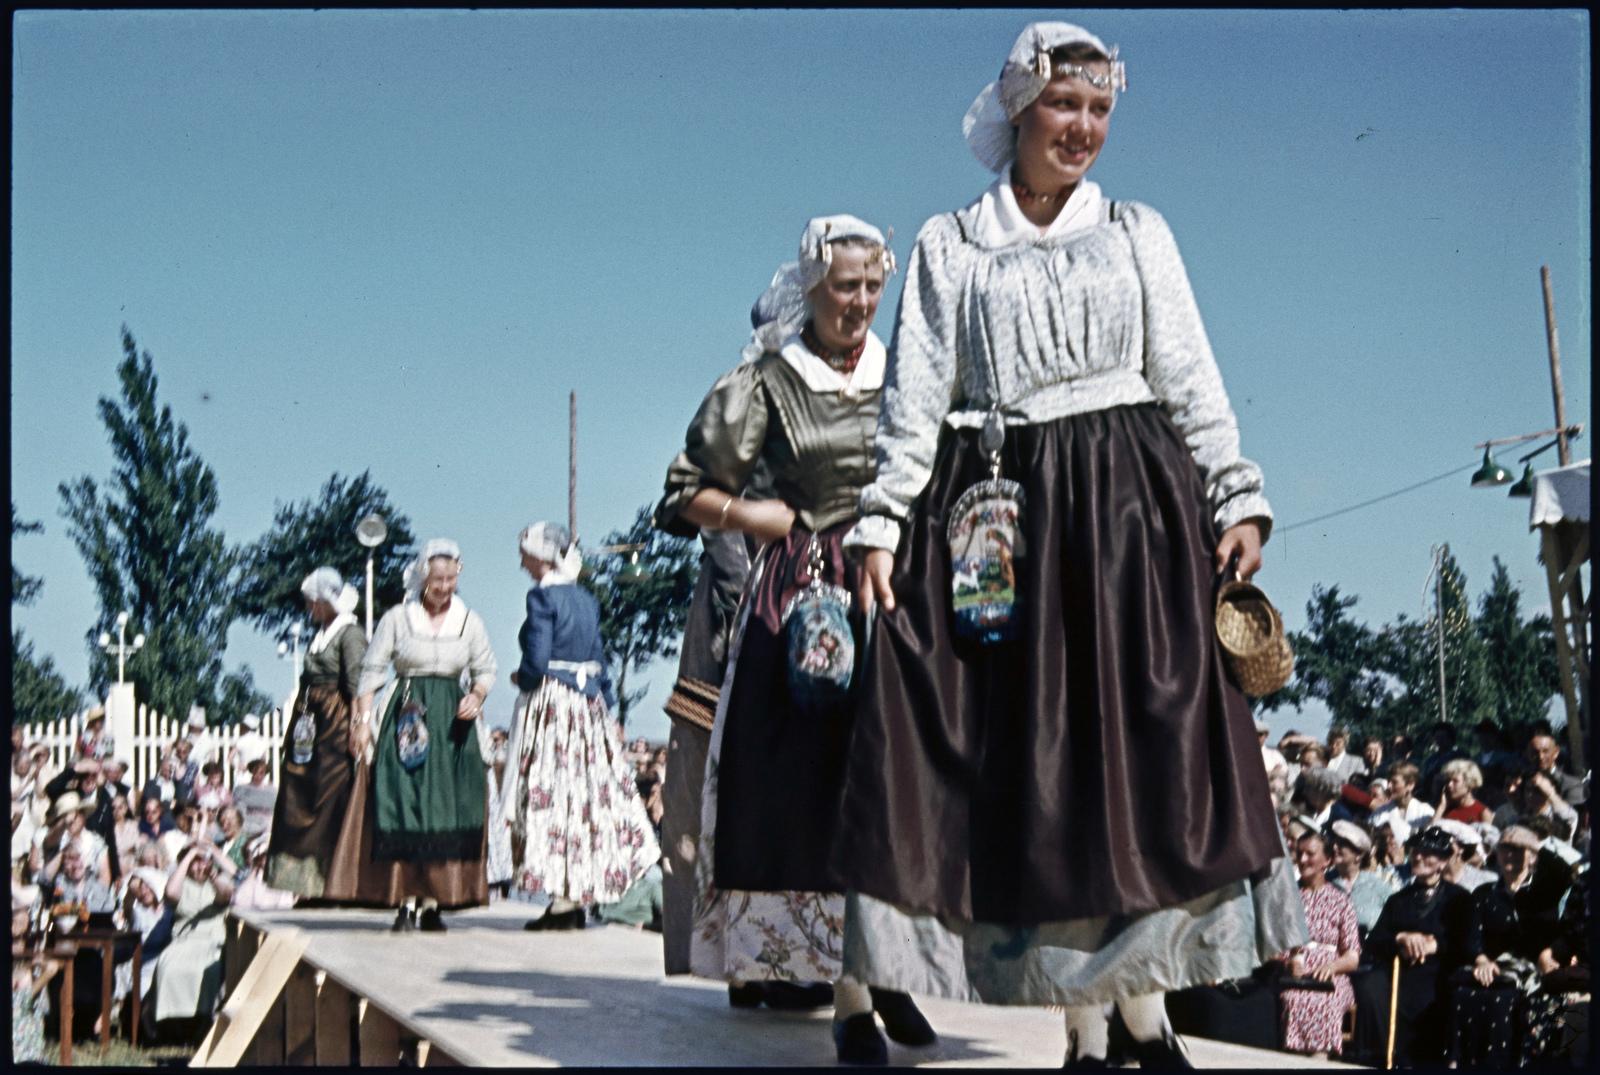 Westfriese klederdracht bij de Nationale klederdrachtwedstrijd in Enkhuizen.